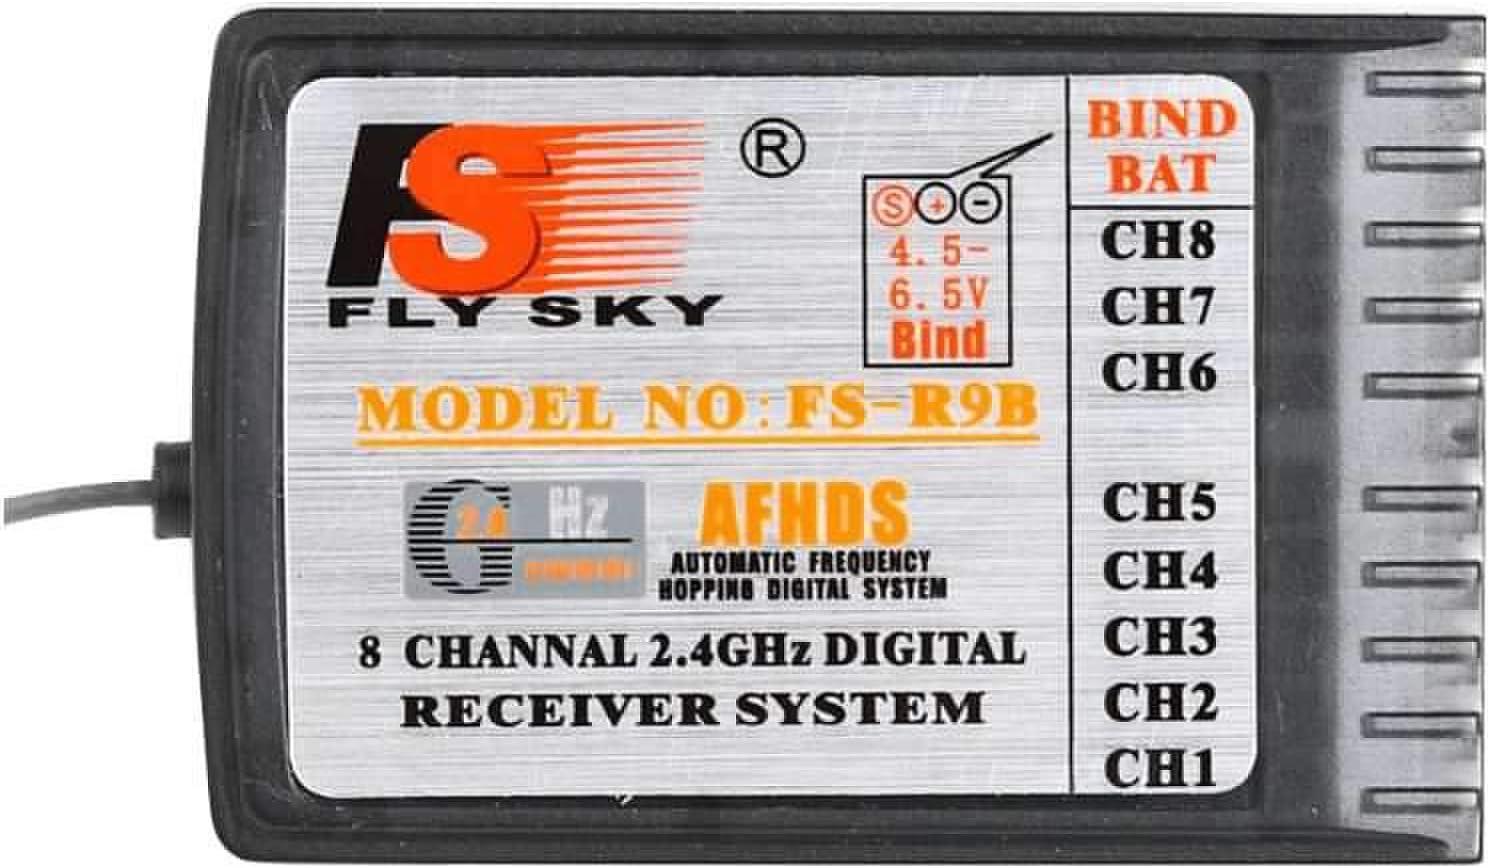 Flysky FS-R9B High Precision 2.4G 8CH Digtal Receiver for Turnigy 9X FS-TH9B 9CH Remote Controller All Flysky Transmitter